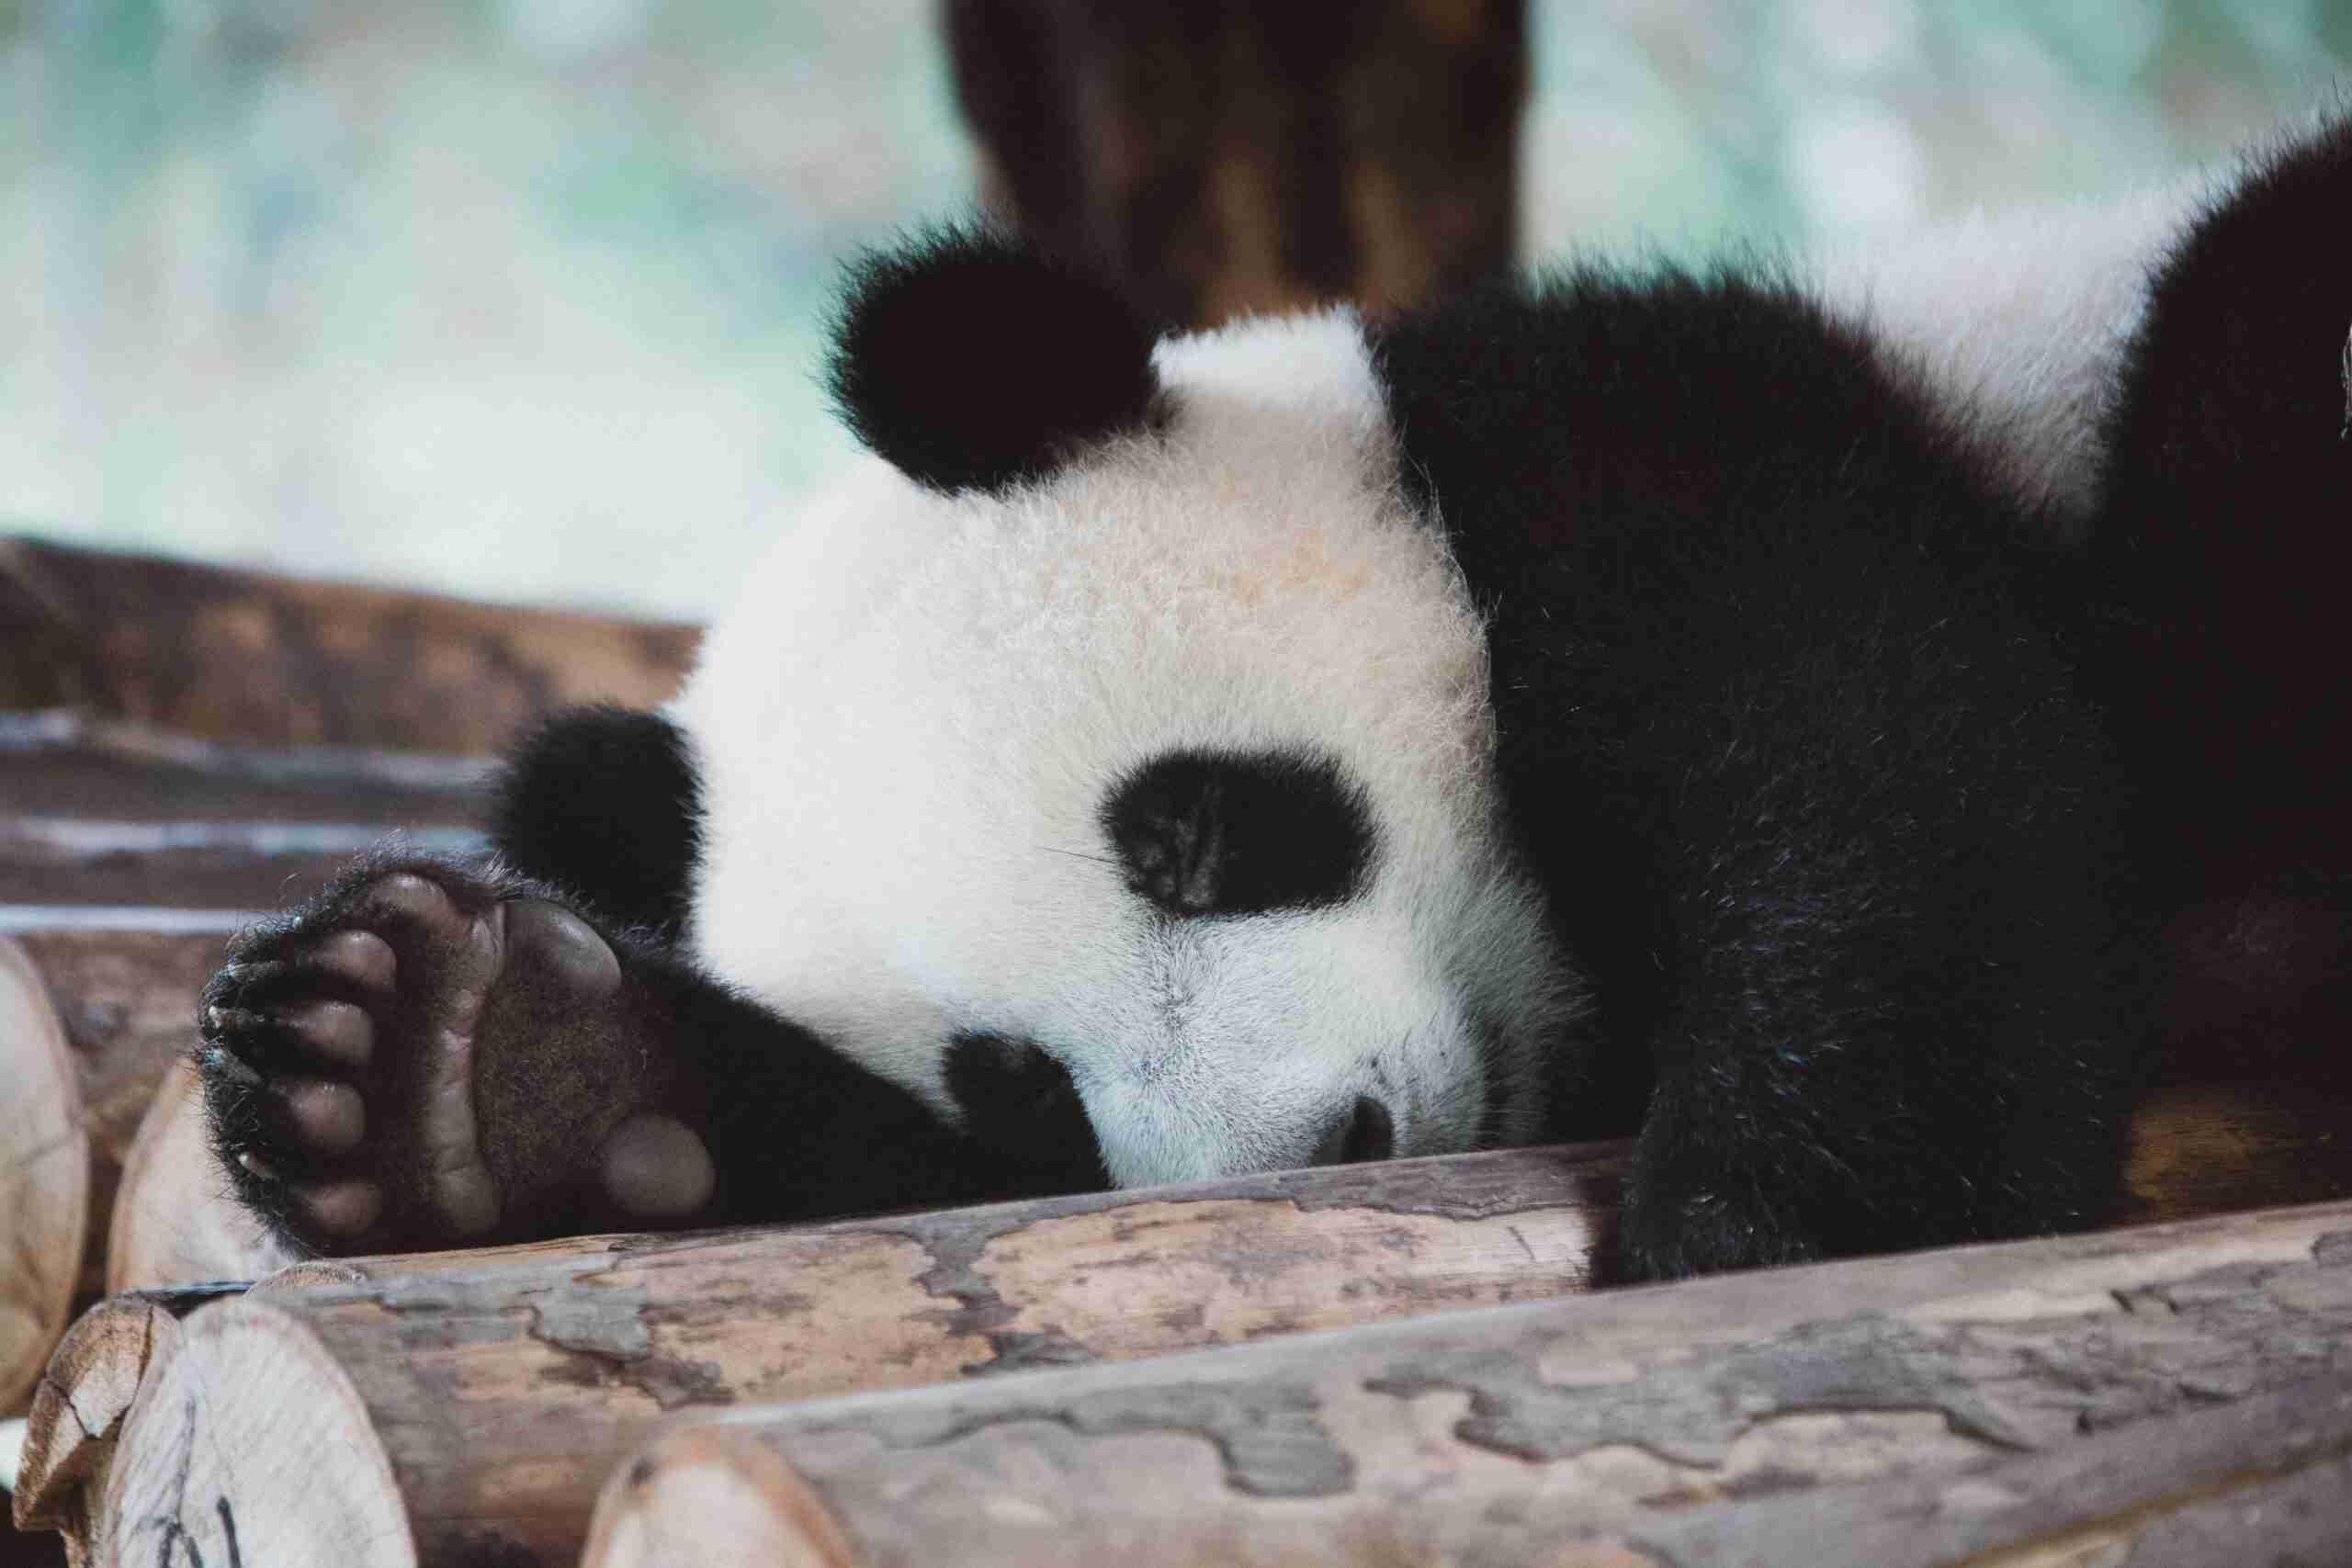 giant pandas have fingers